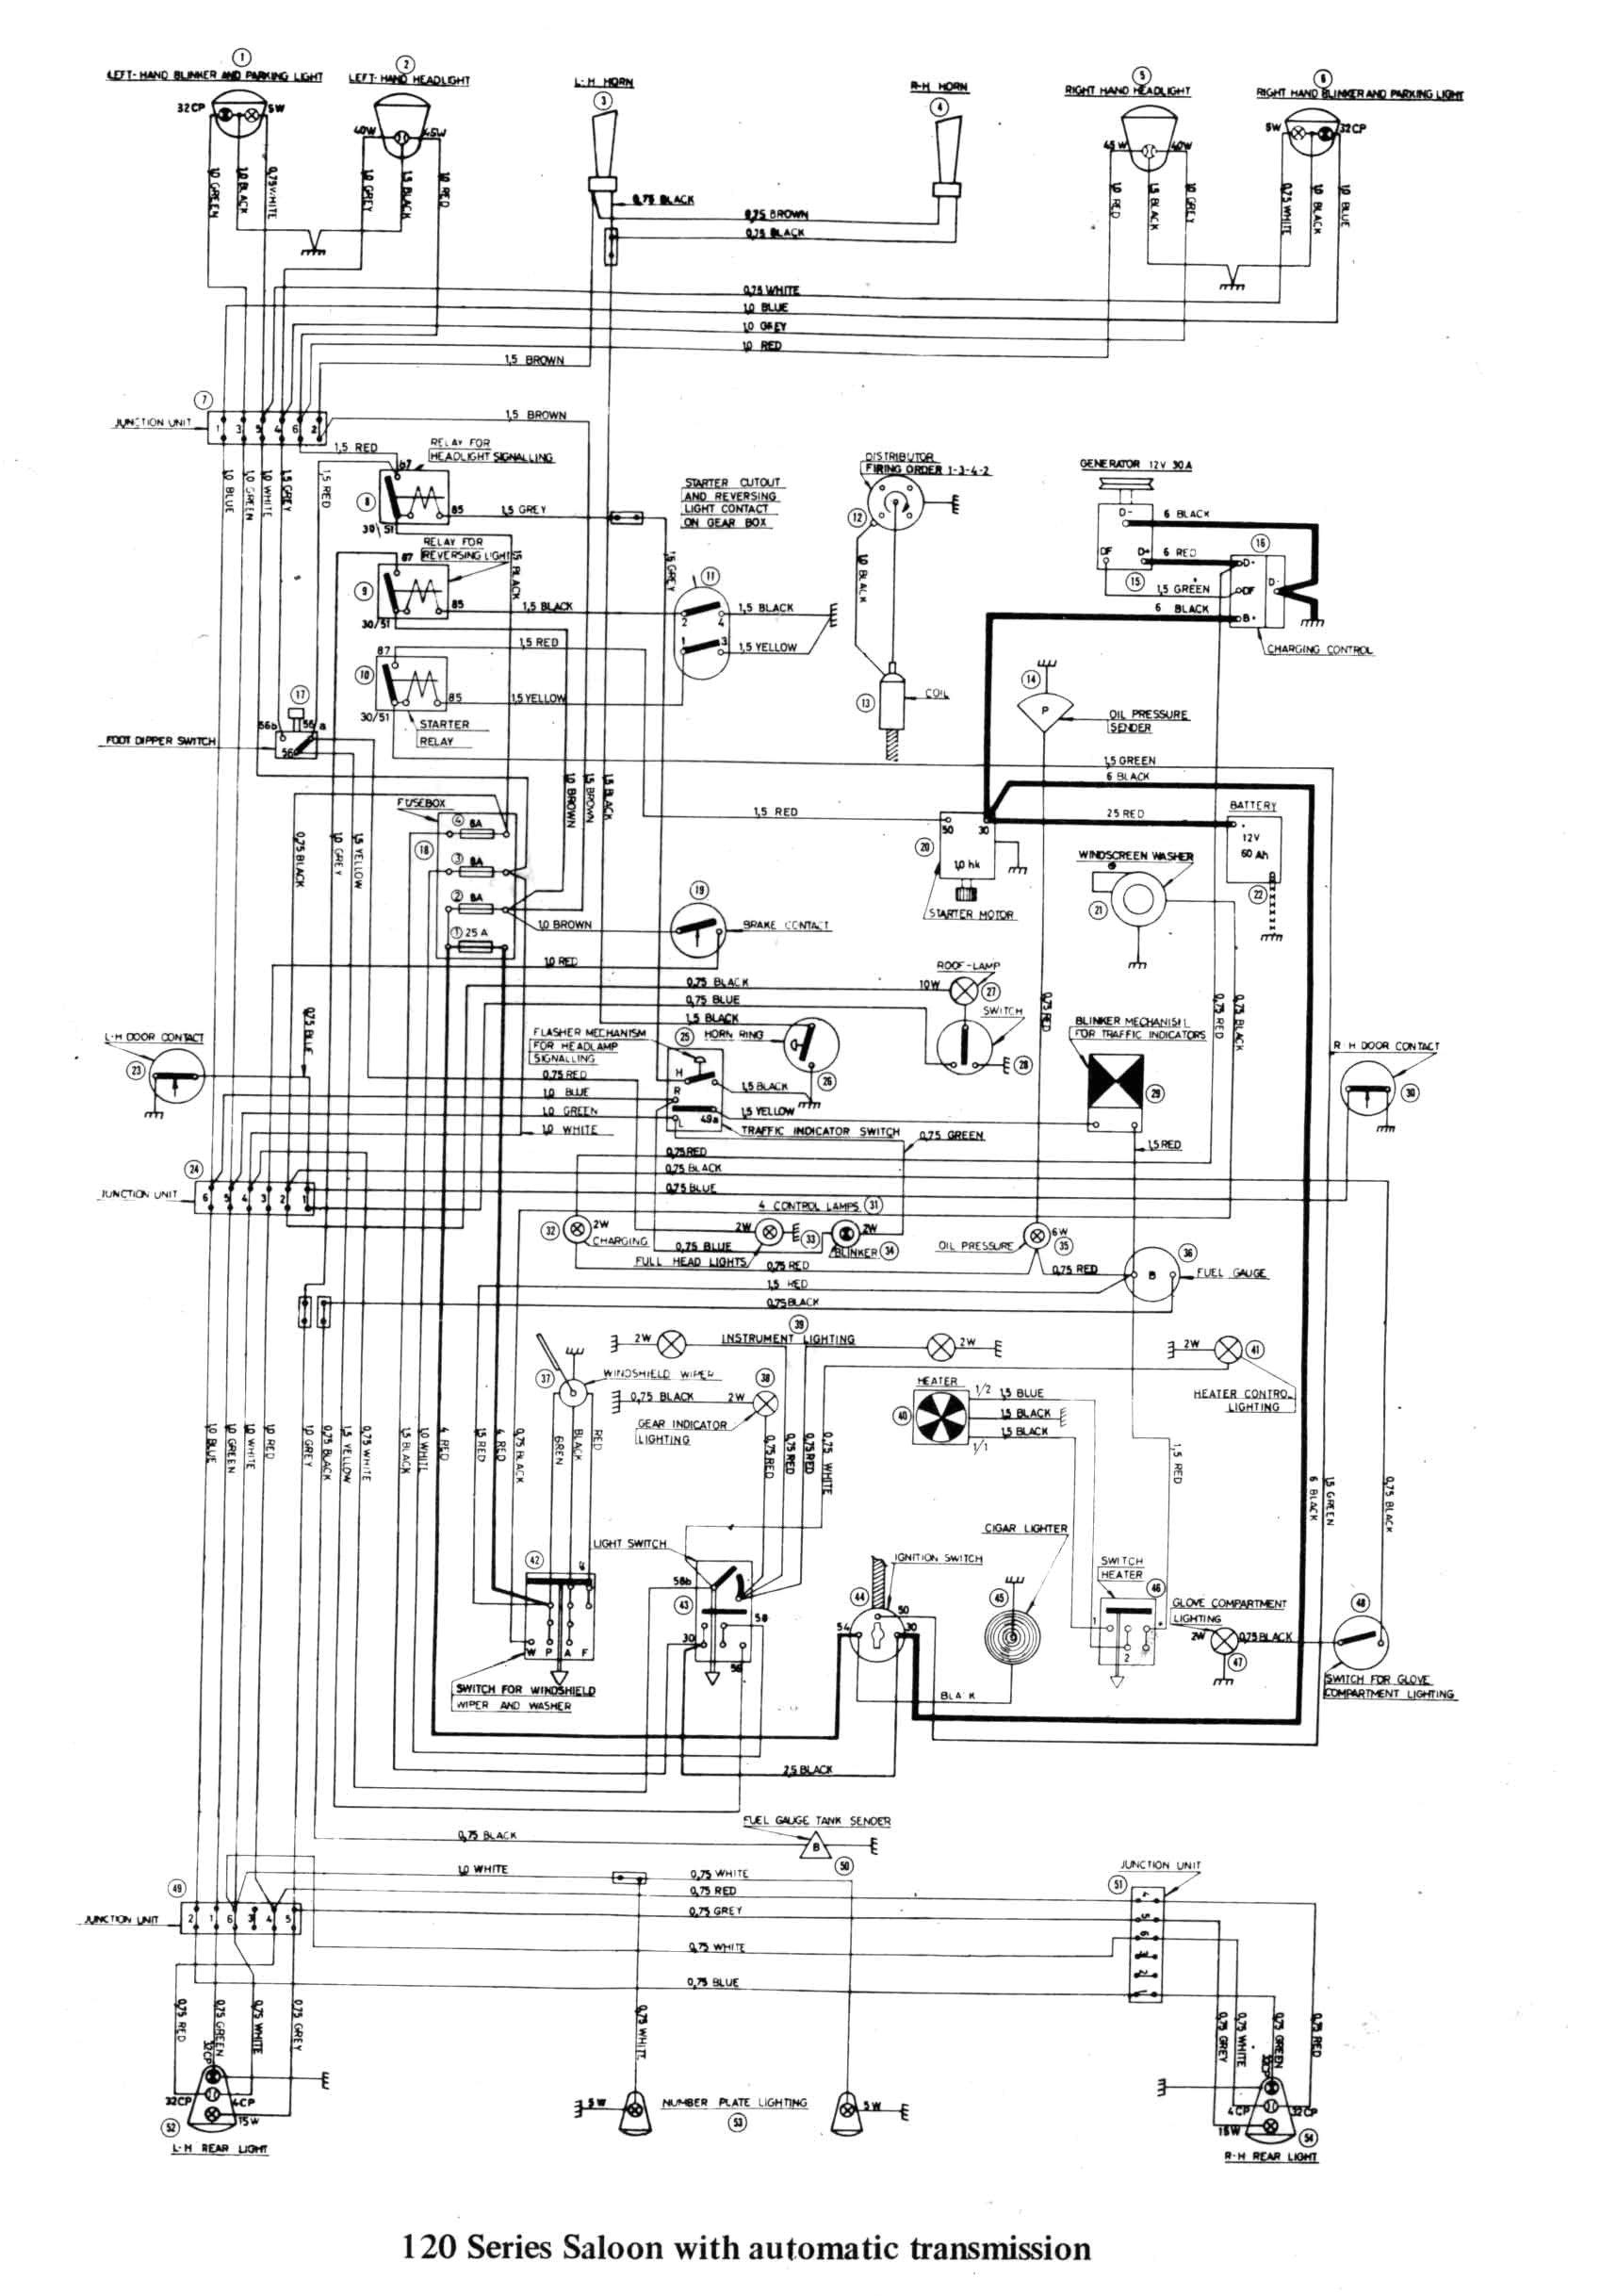 buzzer wiring volvo wiring diagram schema buzzer wiring volvo schema wiring diagram buzzer wiring volvo